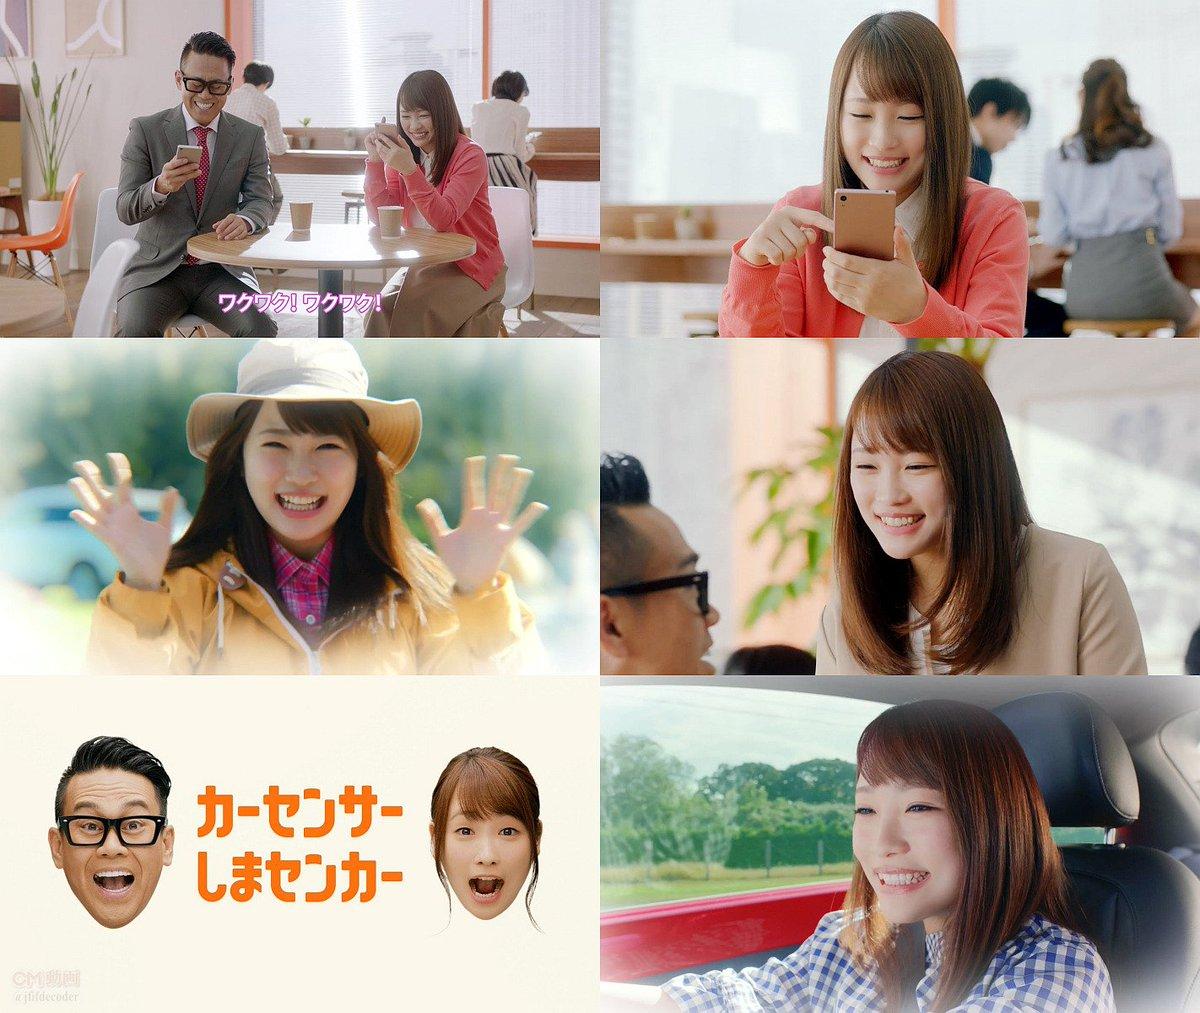 DTT53miV4AAAa8D - 元AKB48川栄李奈(23) CM契約14社目で全盛期のベッキー超え 新CM女王に